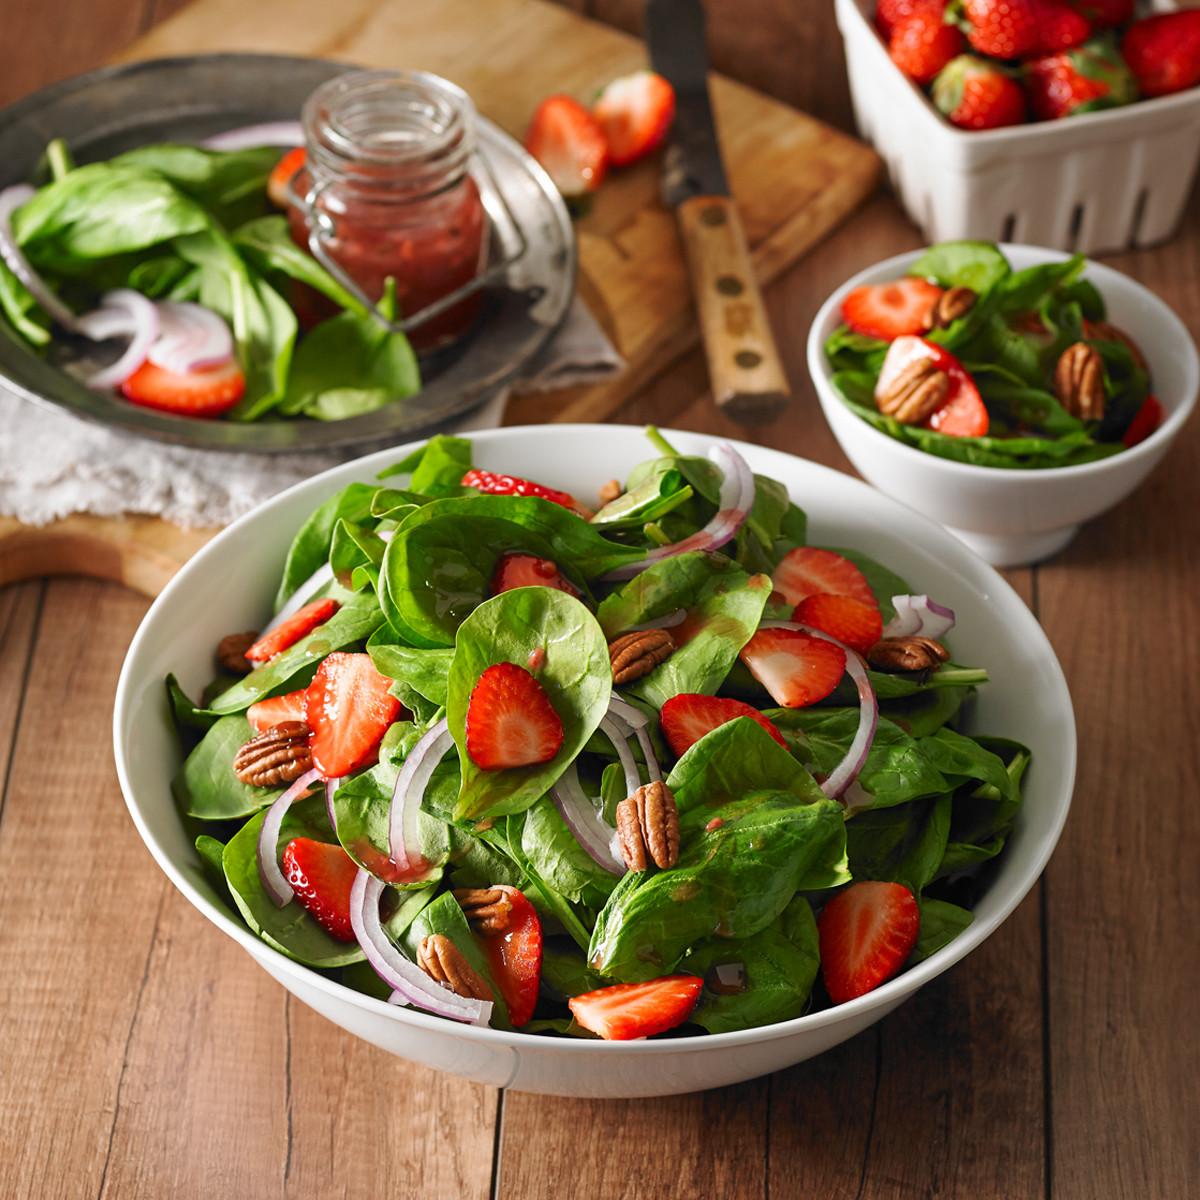 Salade aux épinards, noix de pécan et fraises